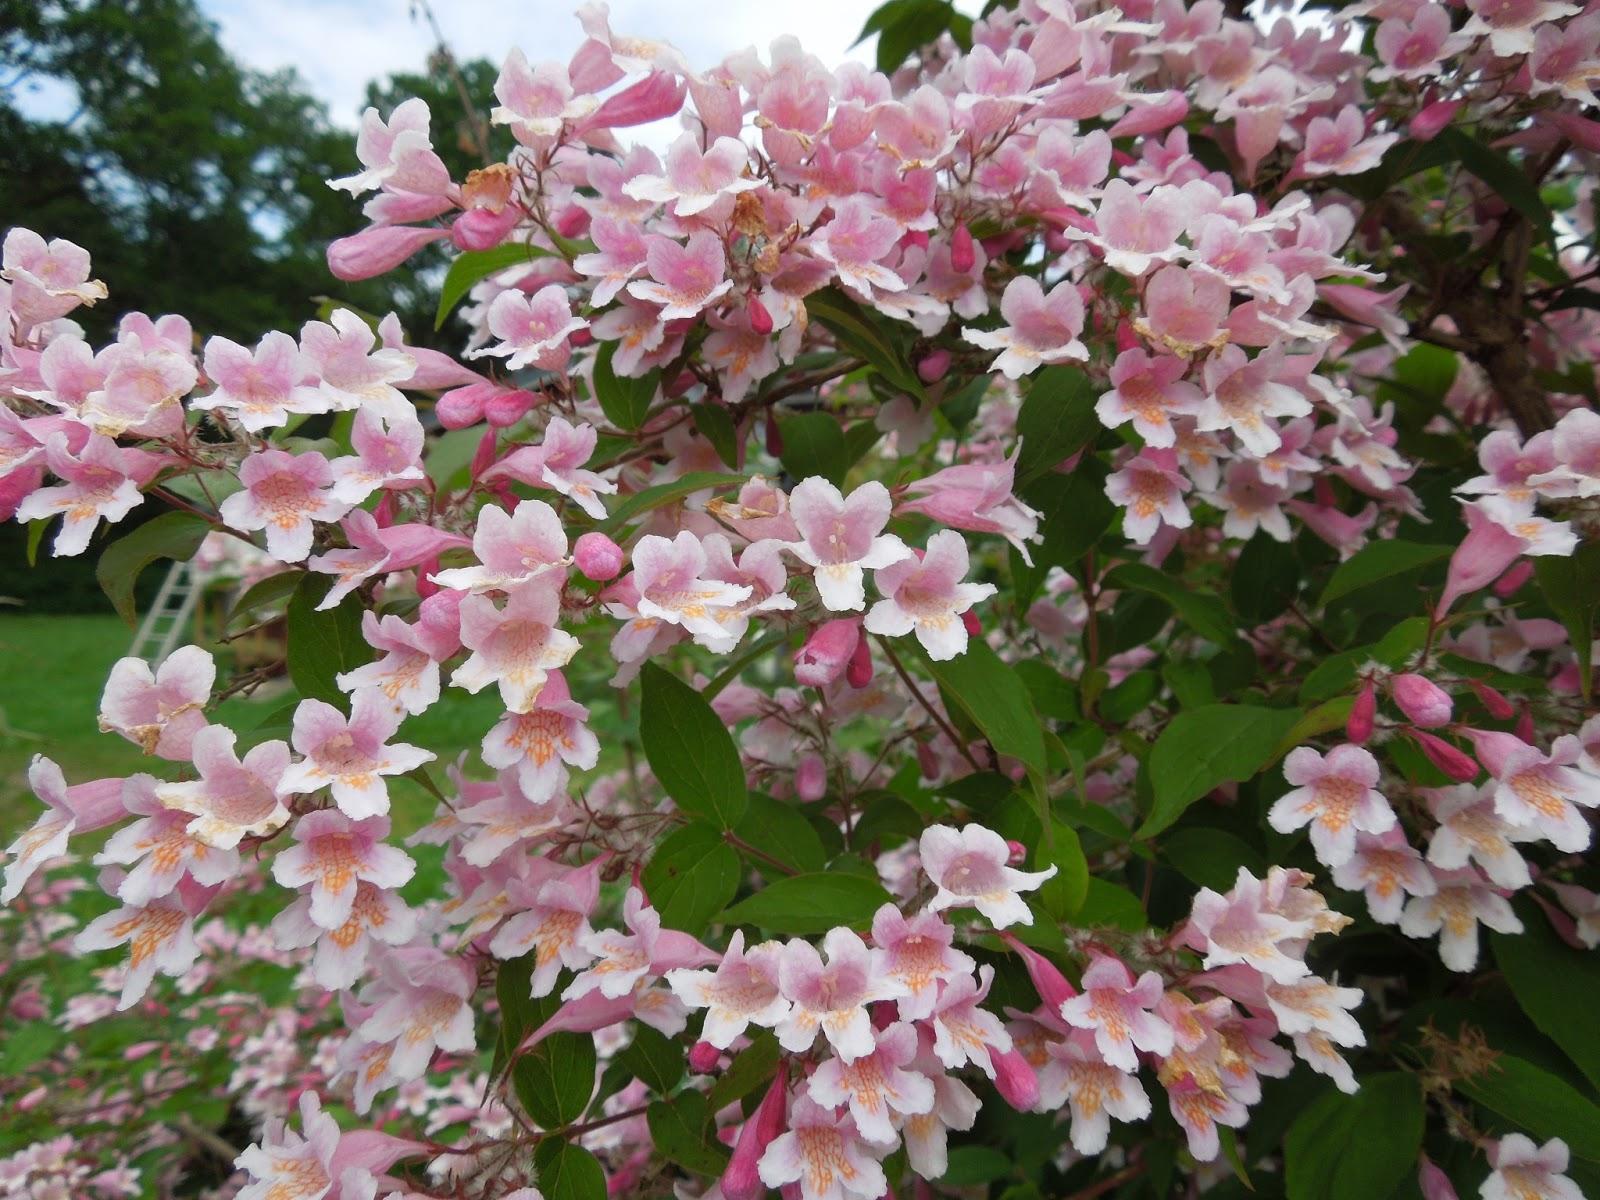 rosa blommande buskar